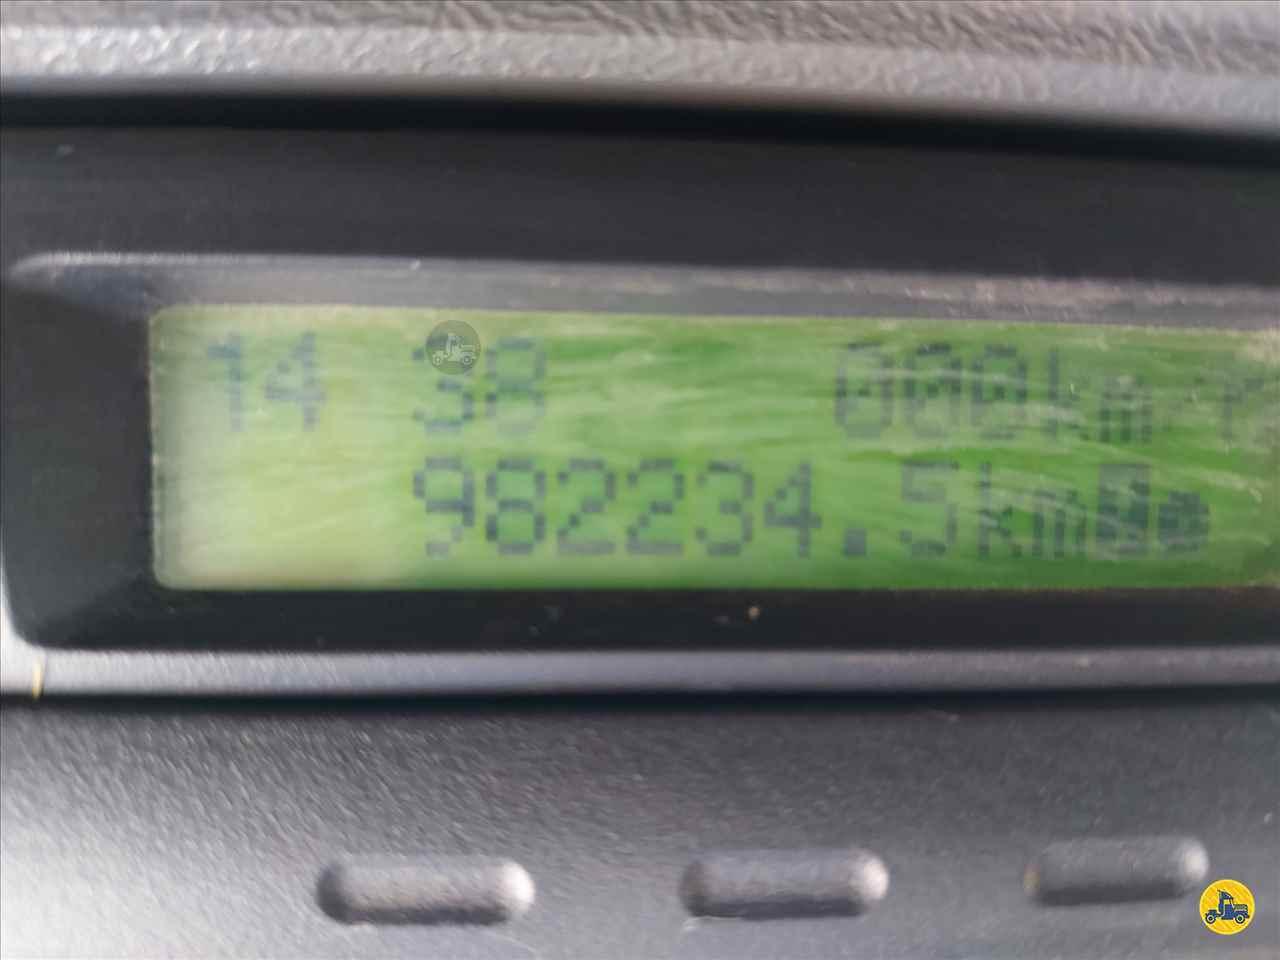 SCANIA SCANIA 420 980000km 2011/2011 Nino Caminhões